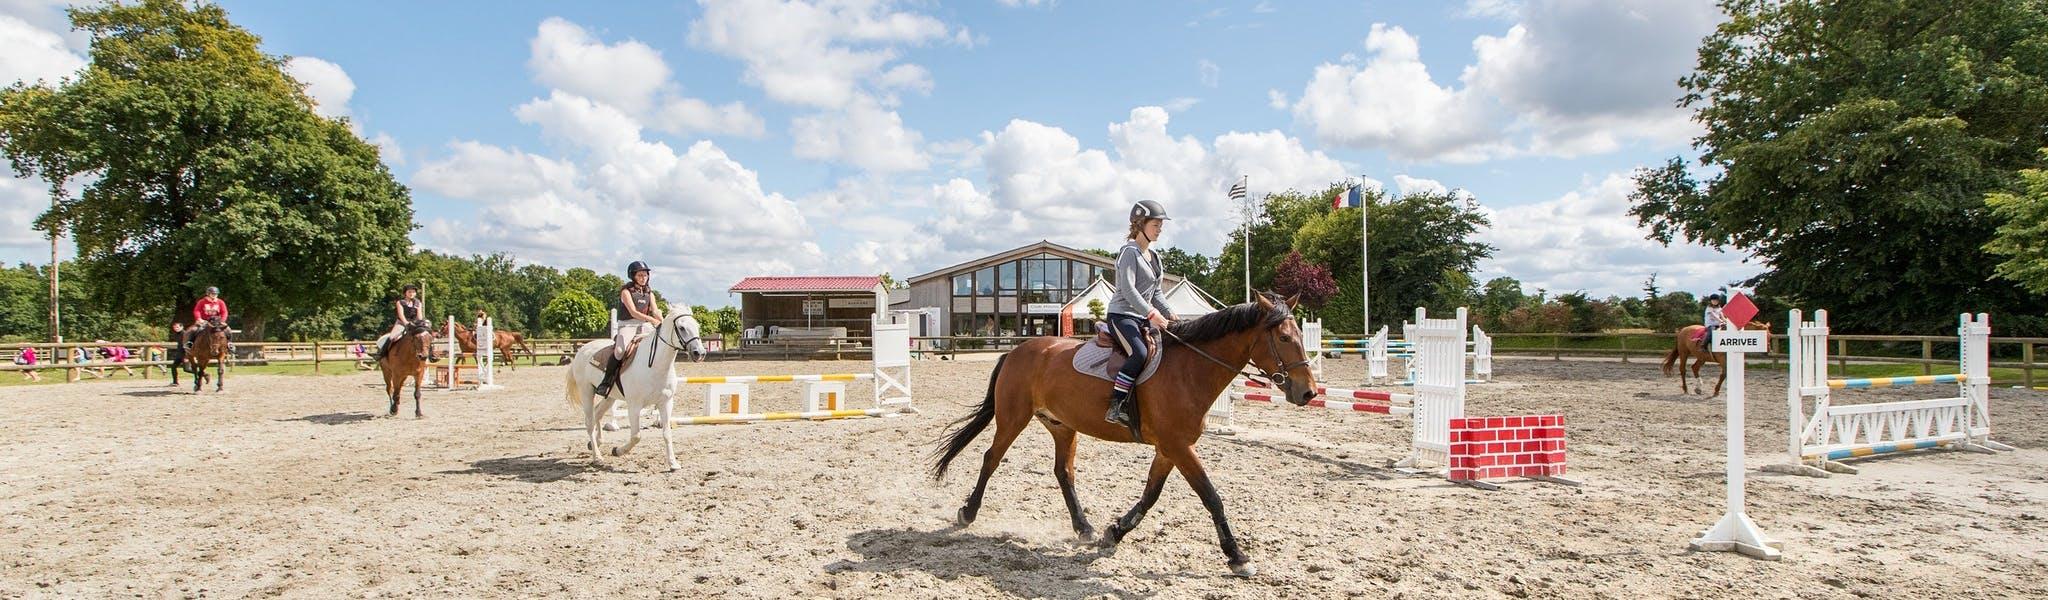 Paardrijden op de camping Domaine des Ormes